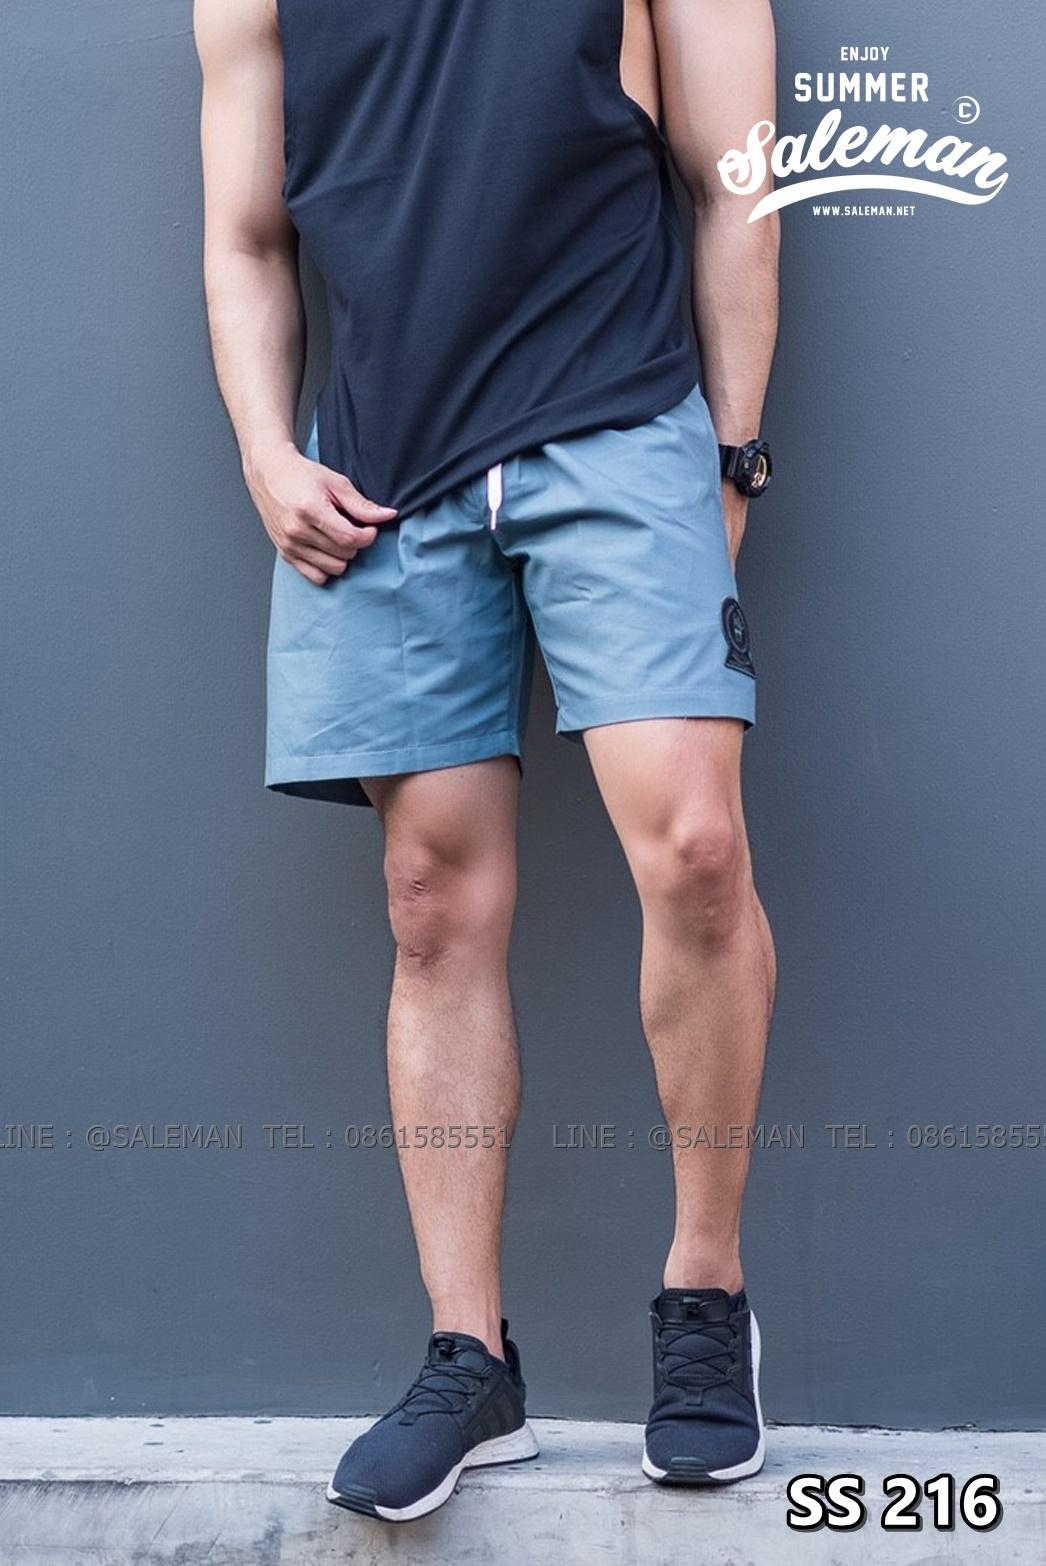 กางเกงขาสั้น พรีเมี่ยม ผ้า COTTON รหัส SS 216 สีเทาควัน